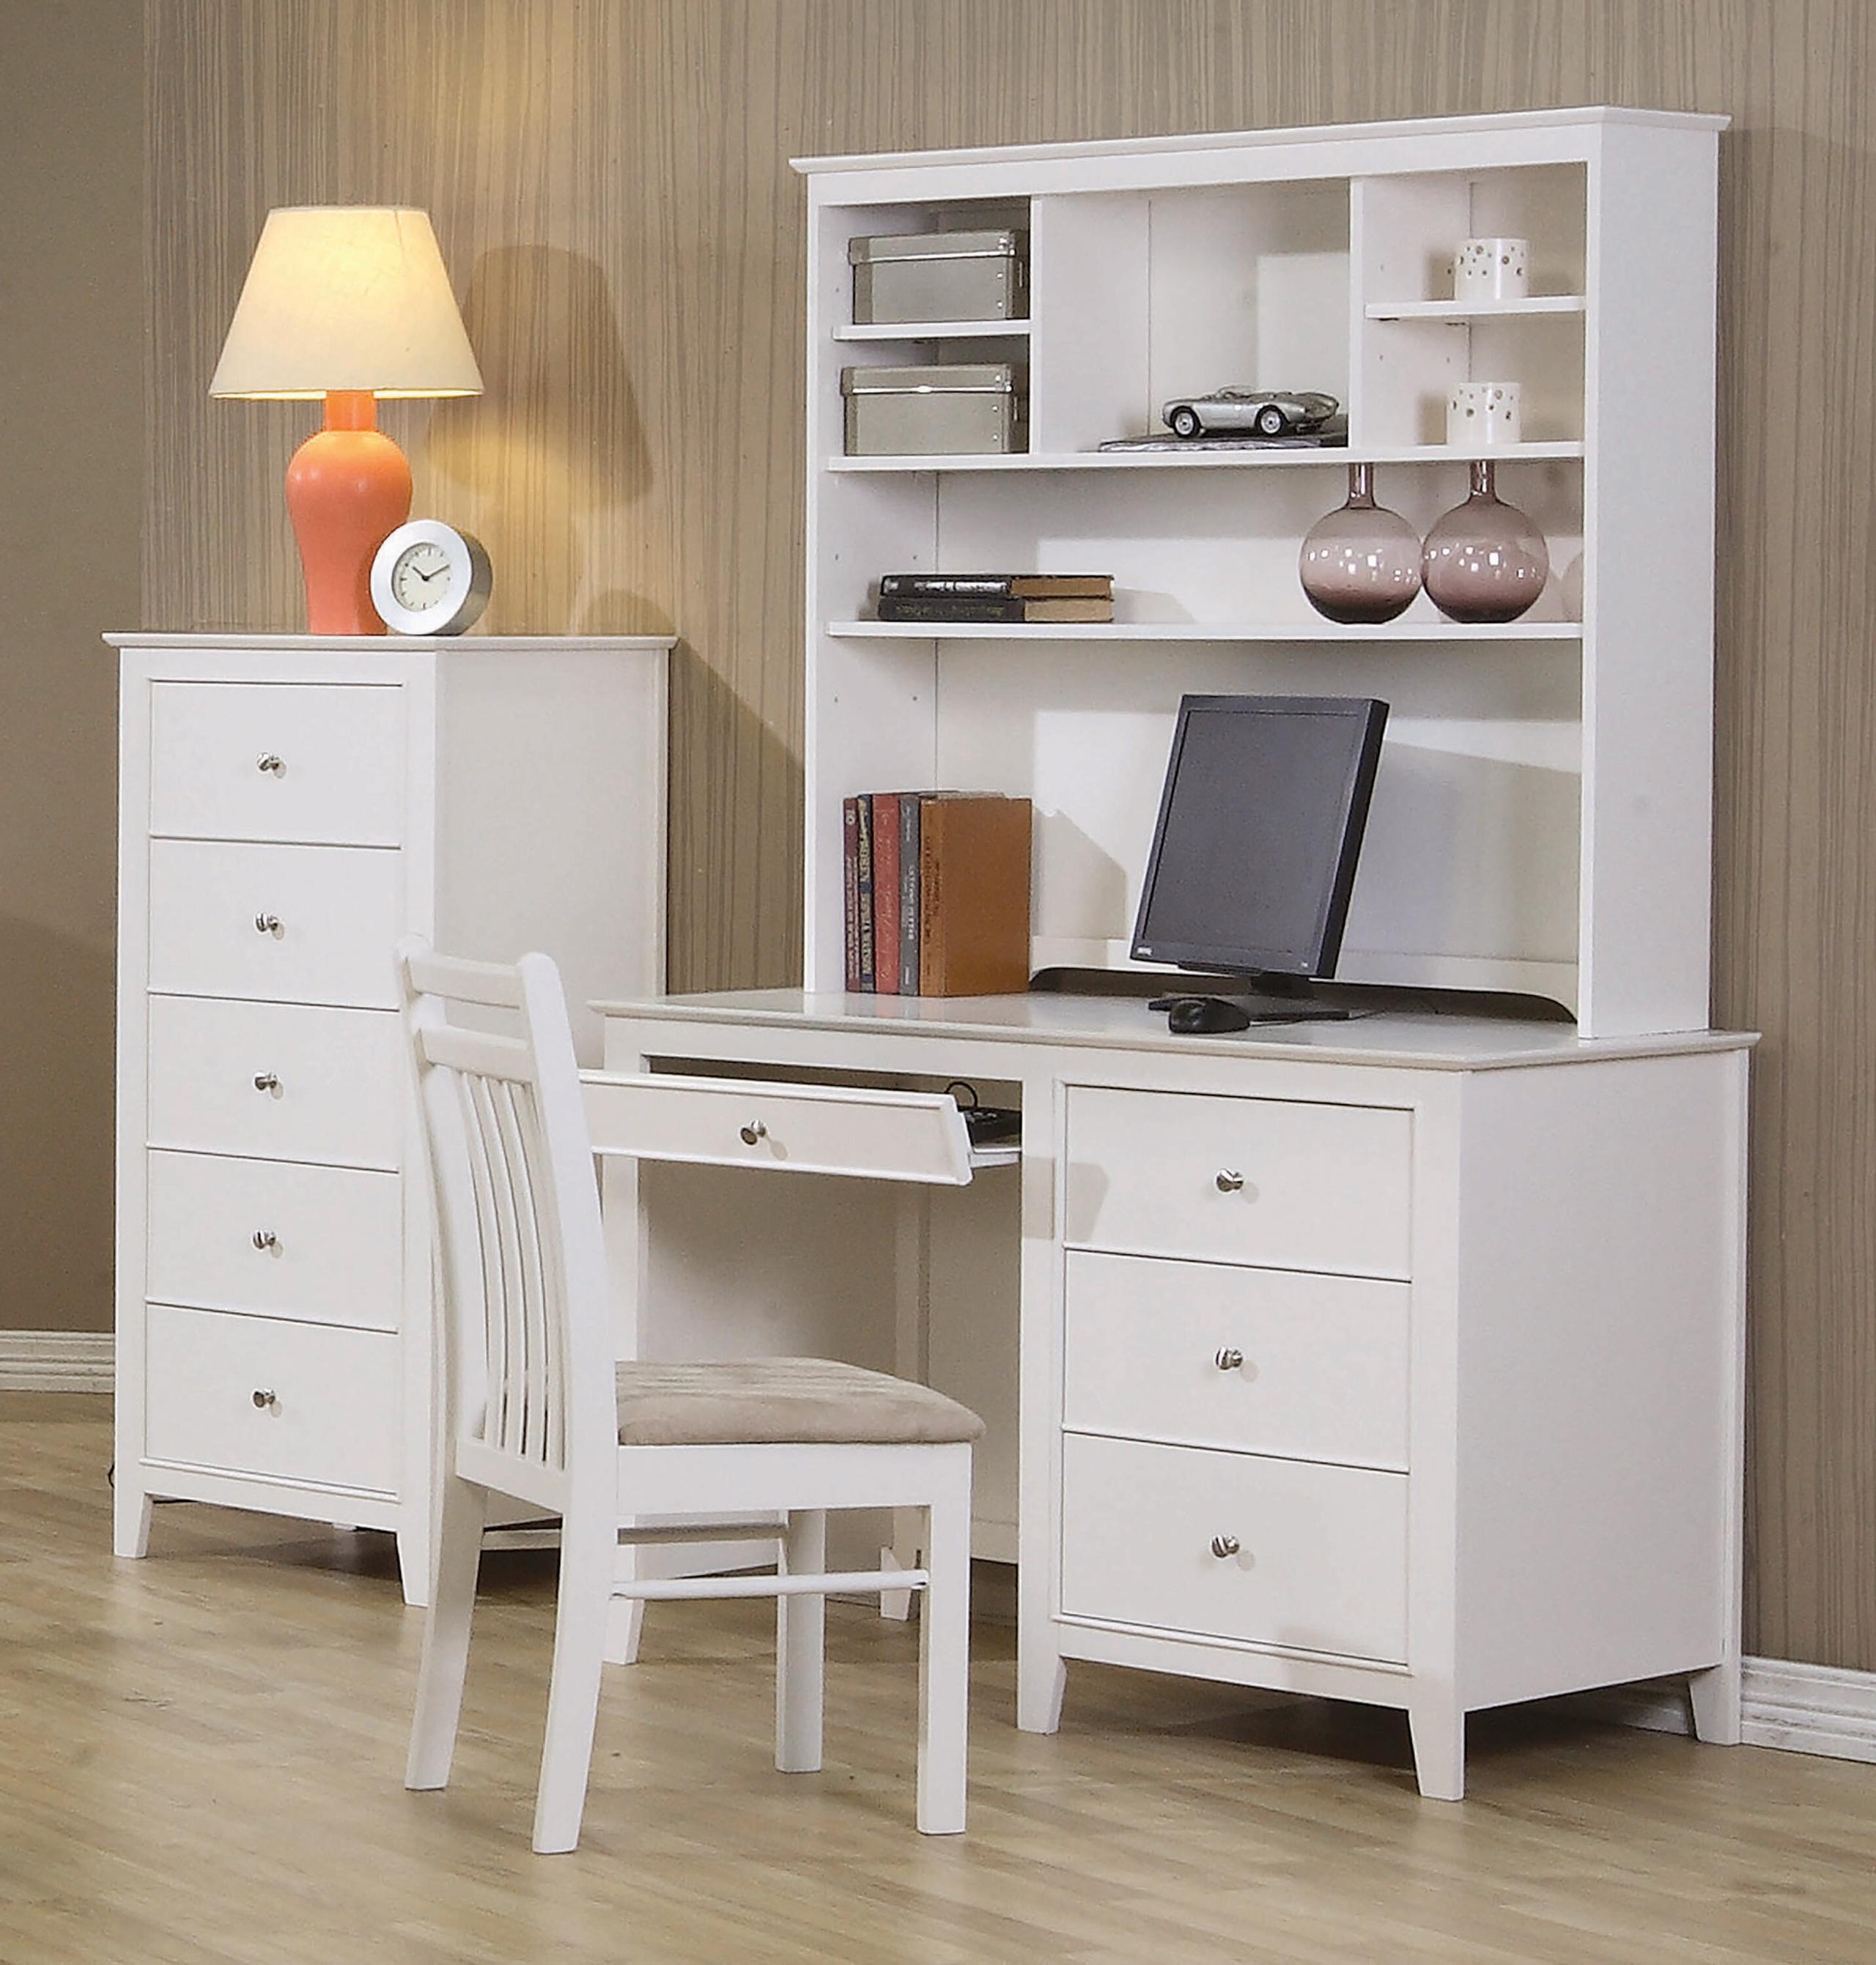 White Desk With Storage